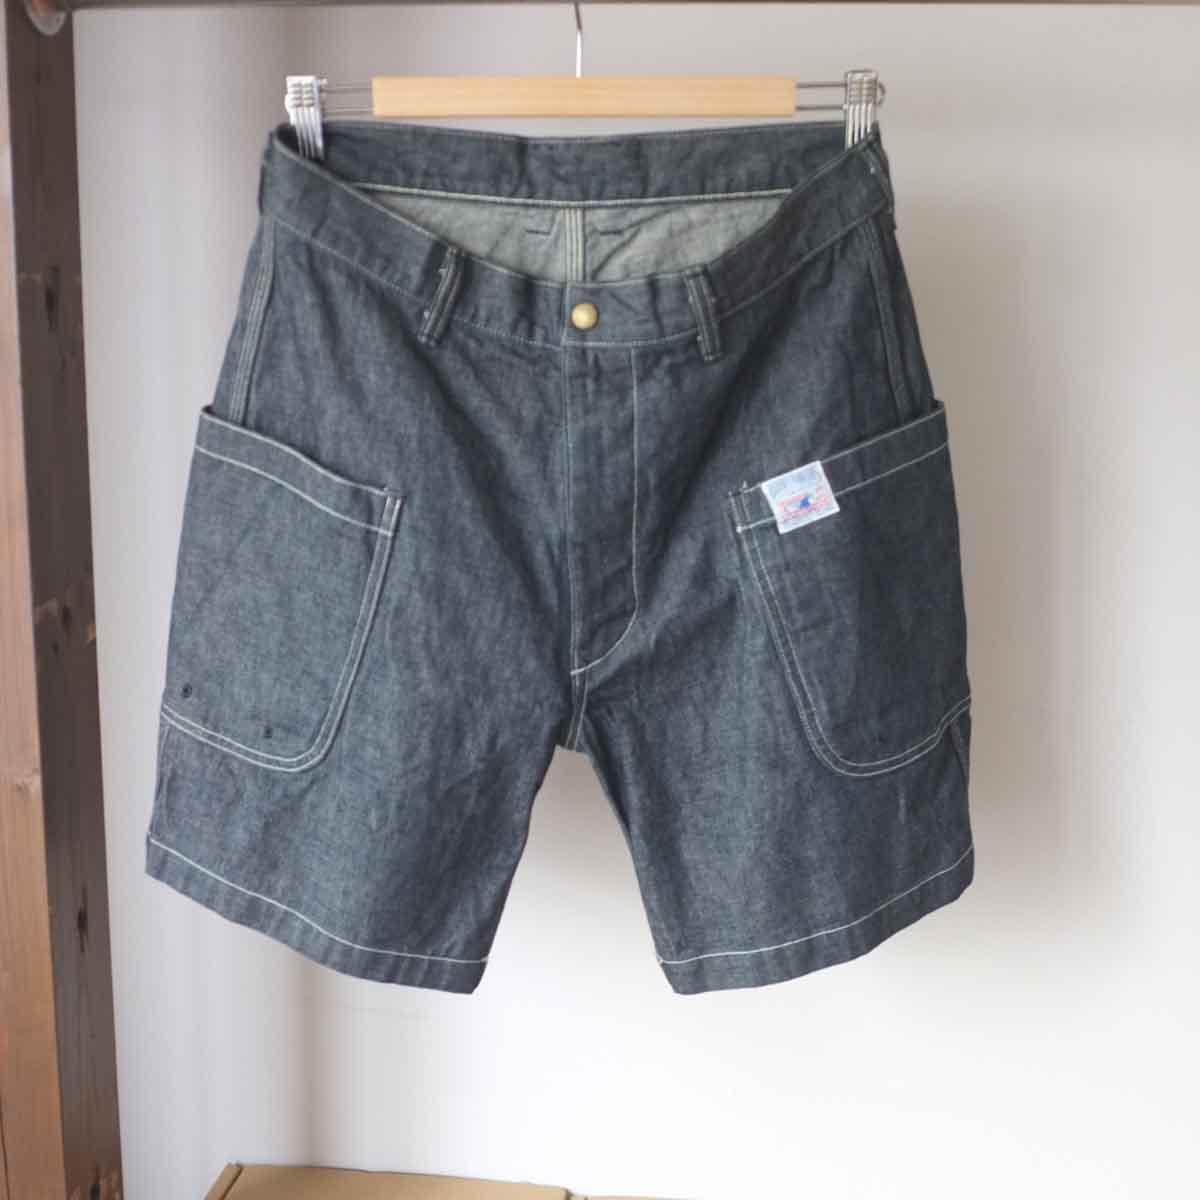 期間限定ポイント10倍 The 即納送料無料! Superior Labor ストアー シュペリオールレイバー denim shorts BBW BBWショーツ